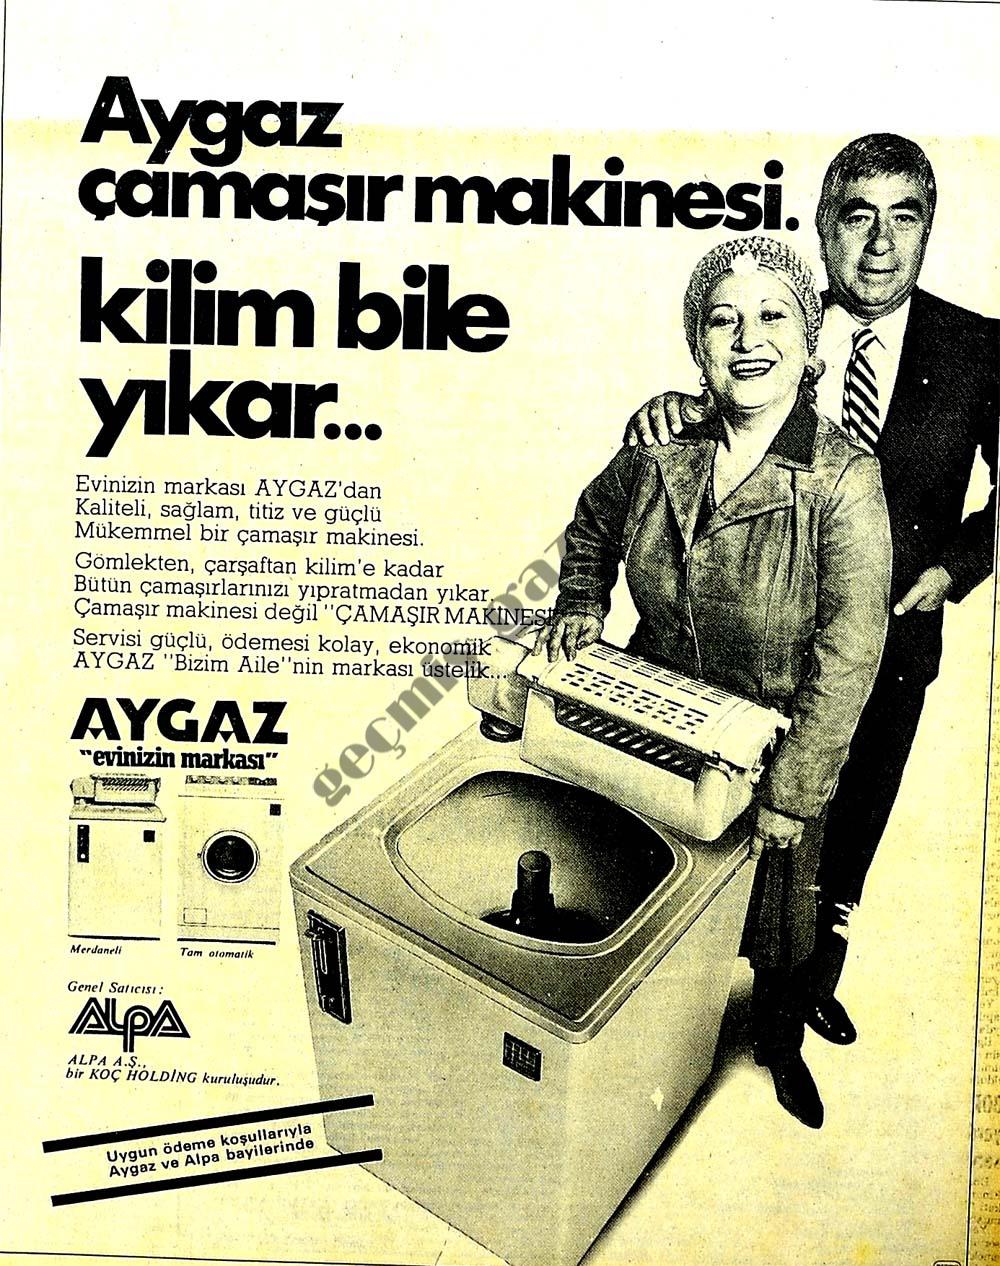 Aygaz çamaşır makinesi kilim bile yıkar